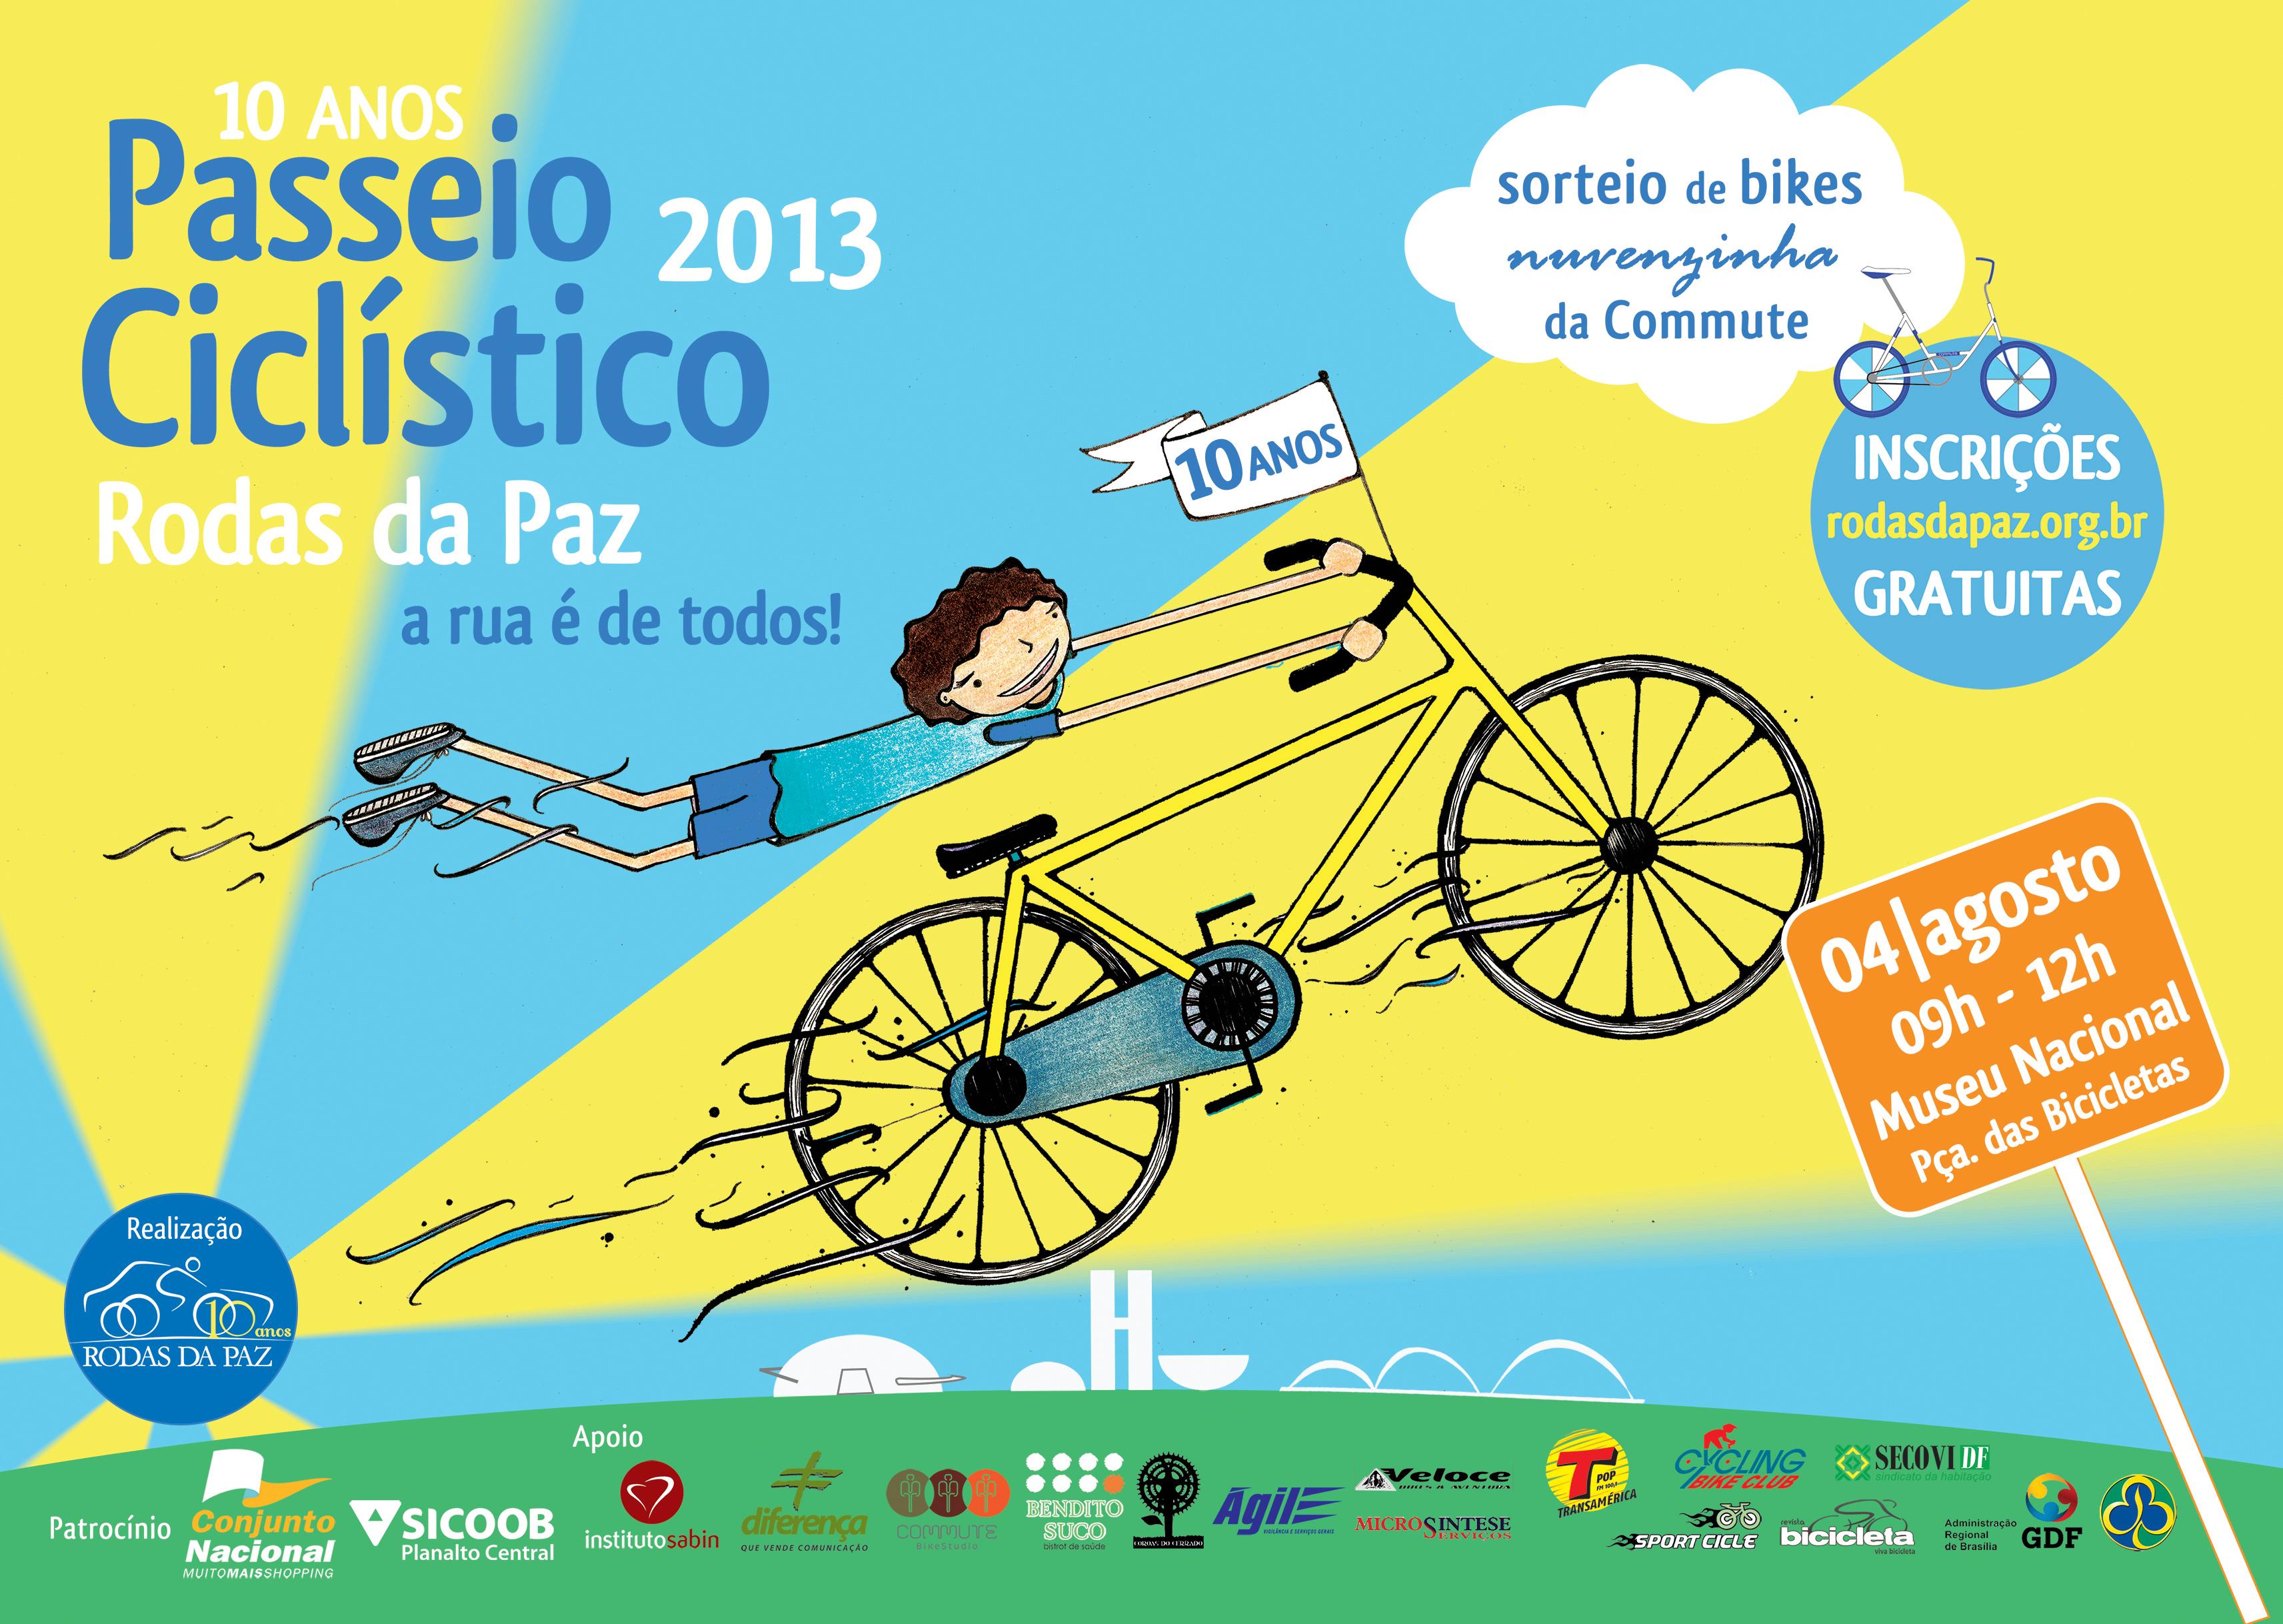 cartaz_passeio_2013_A3_impressao_MENINO